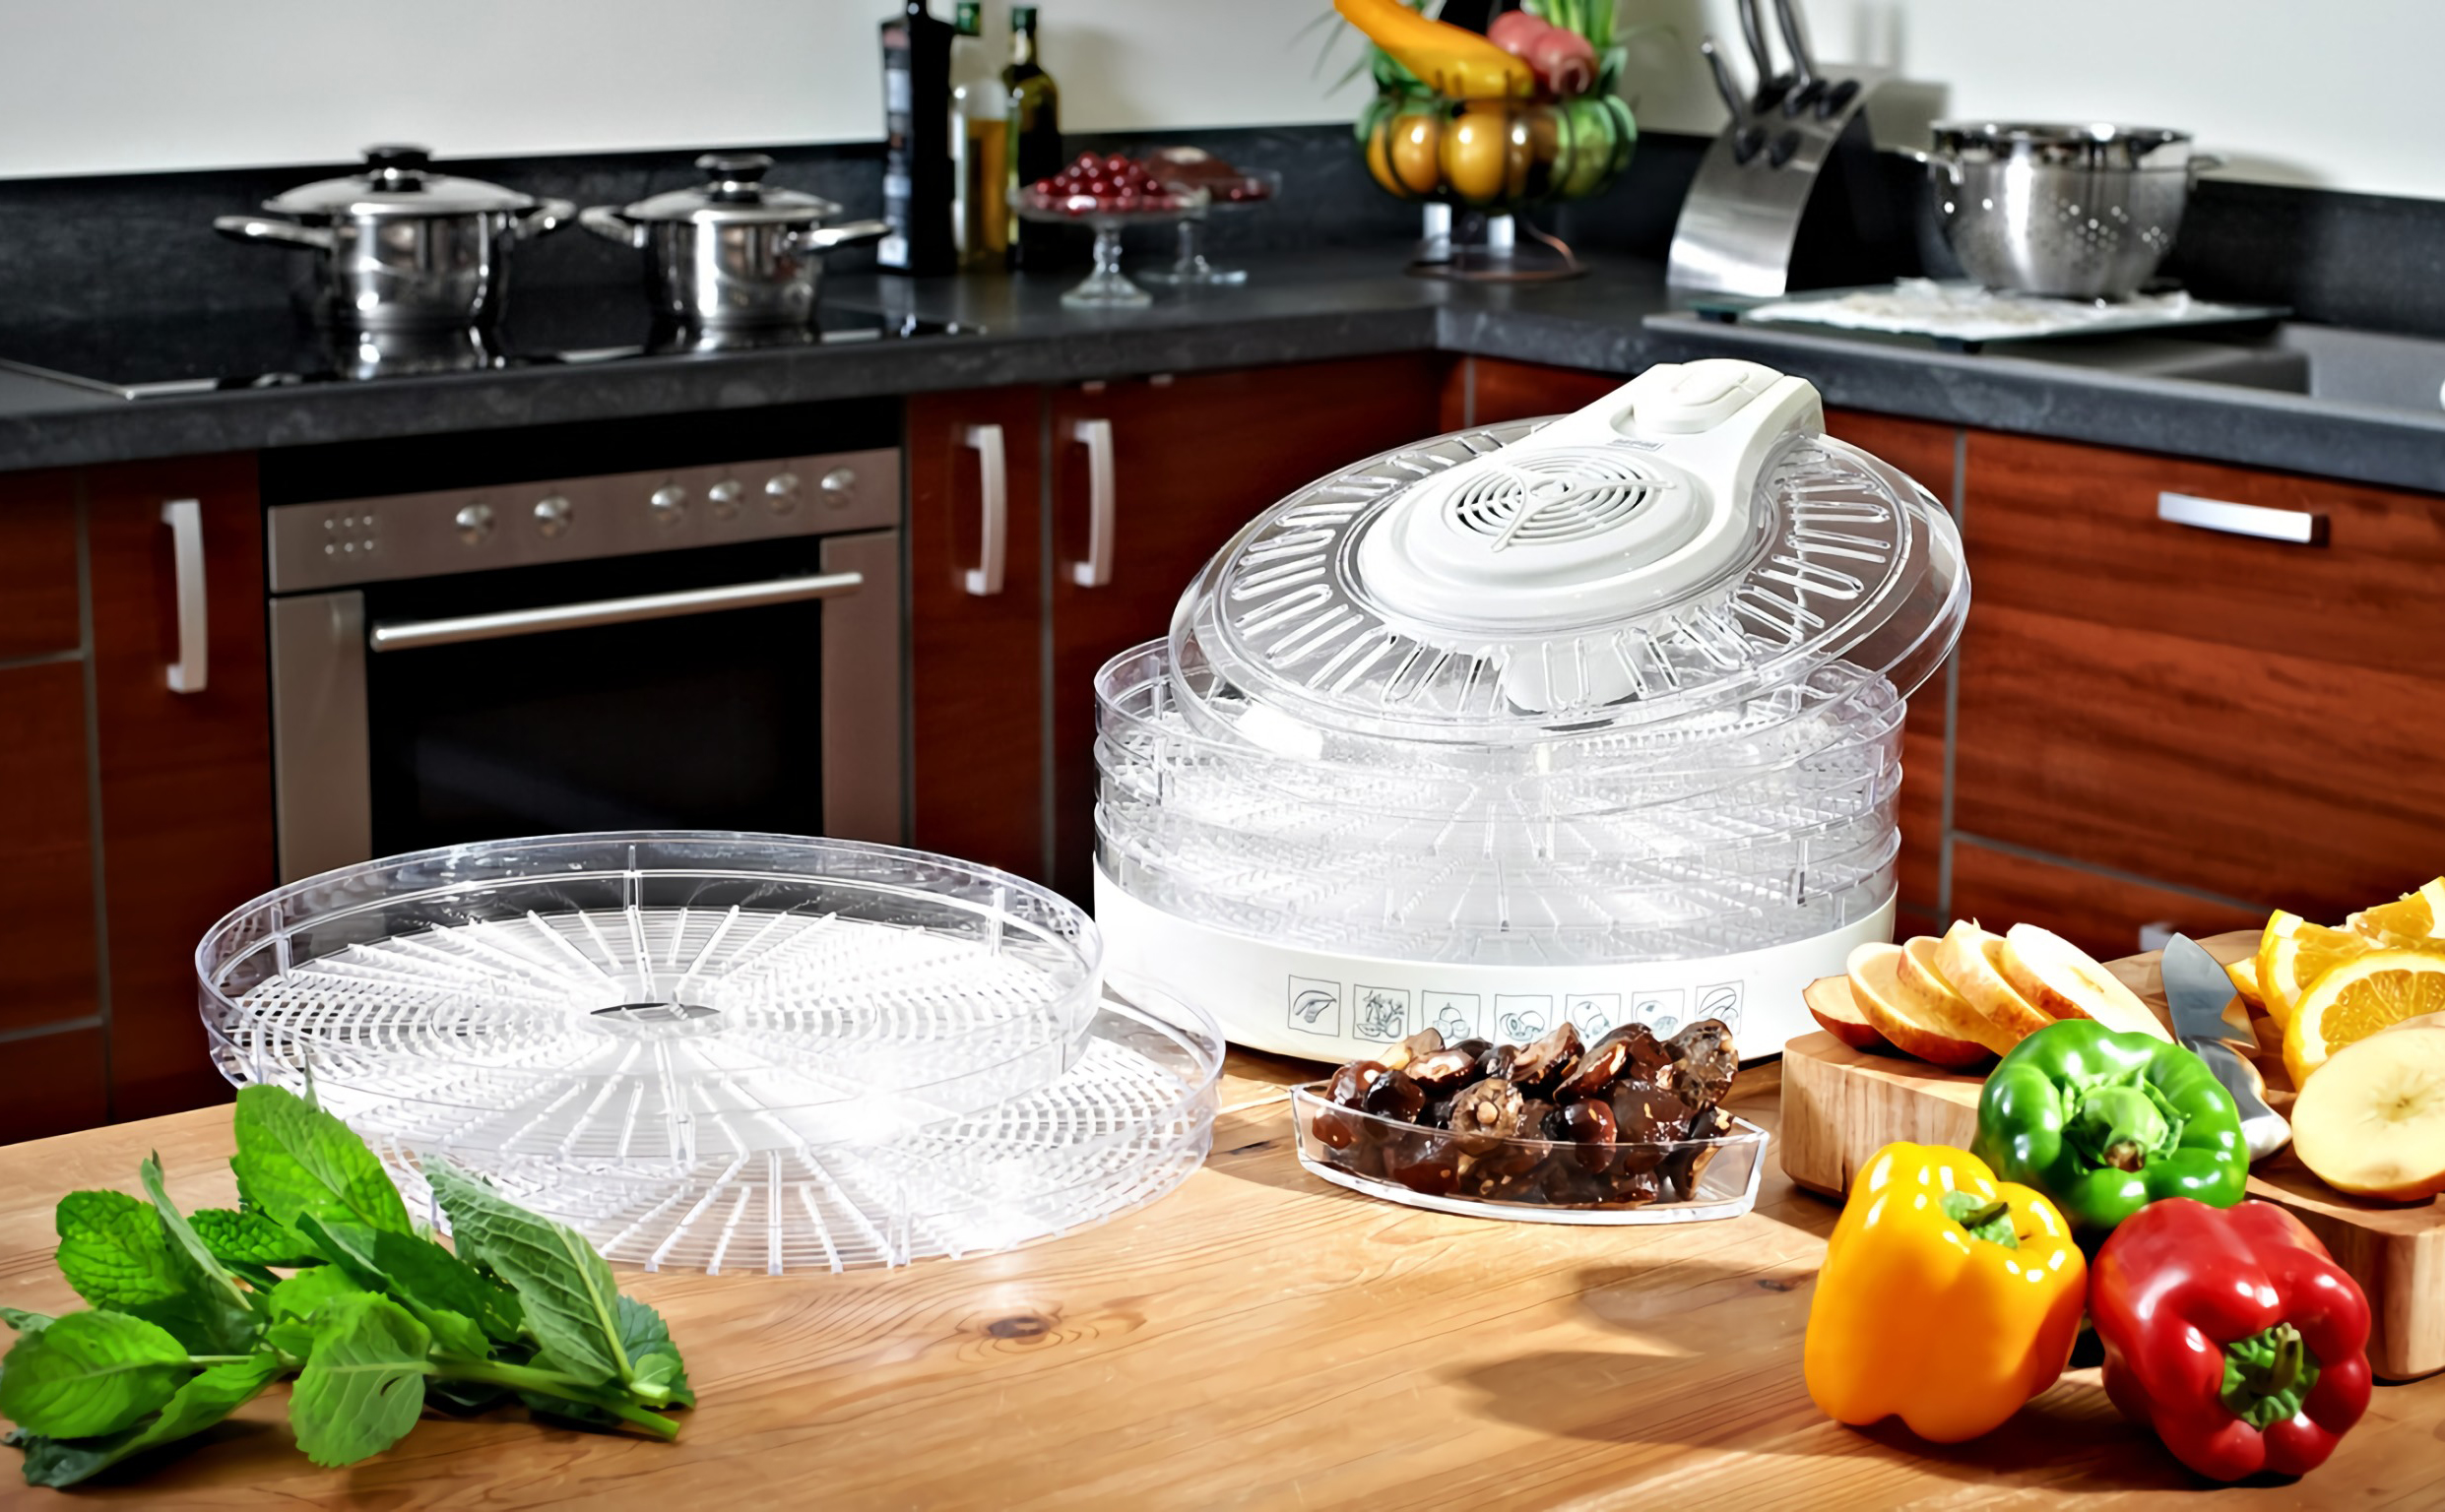 MPM MSG-02 Deshidratador de Alimentos, 3 Niveles de Potencia , 5 Bandejas expansibles de 33 cm, frutas, setas y verduras, 400W